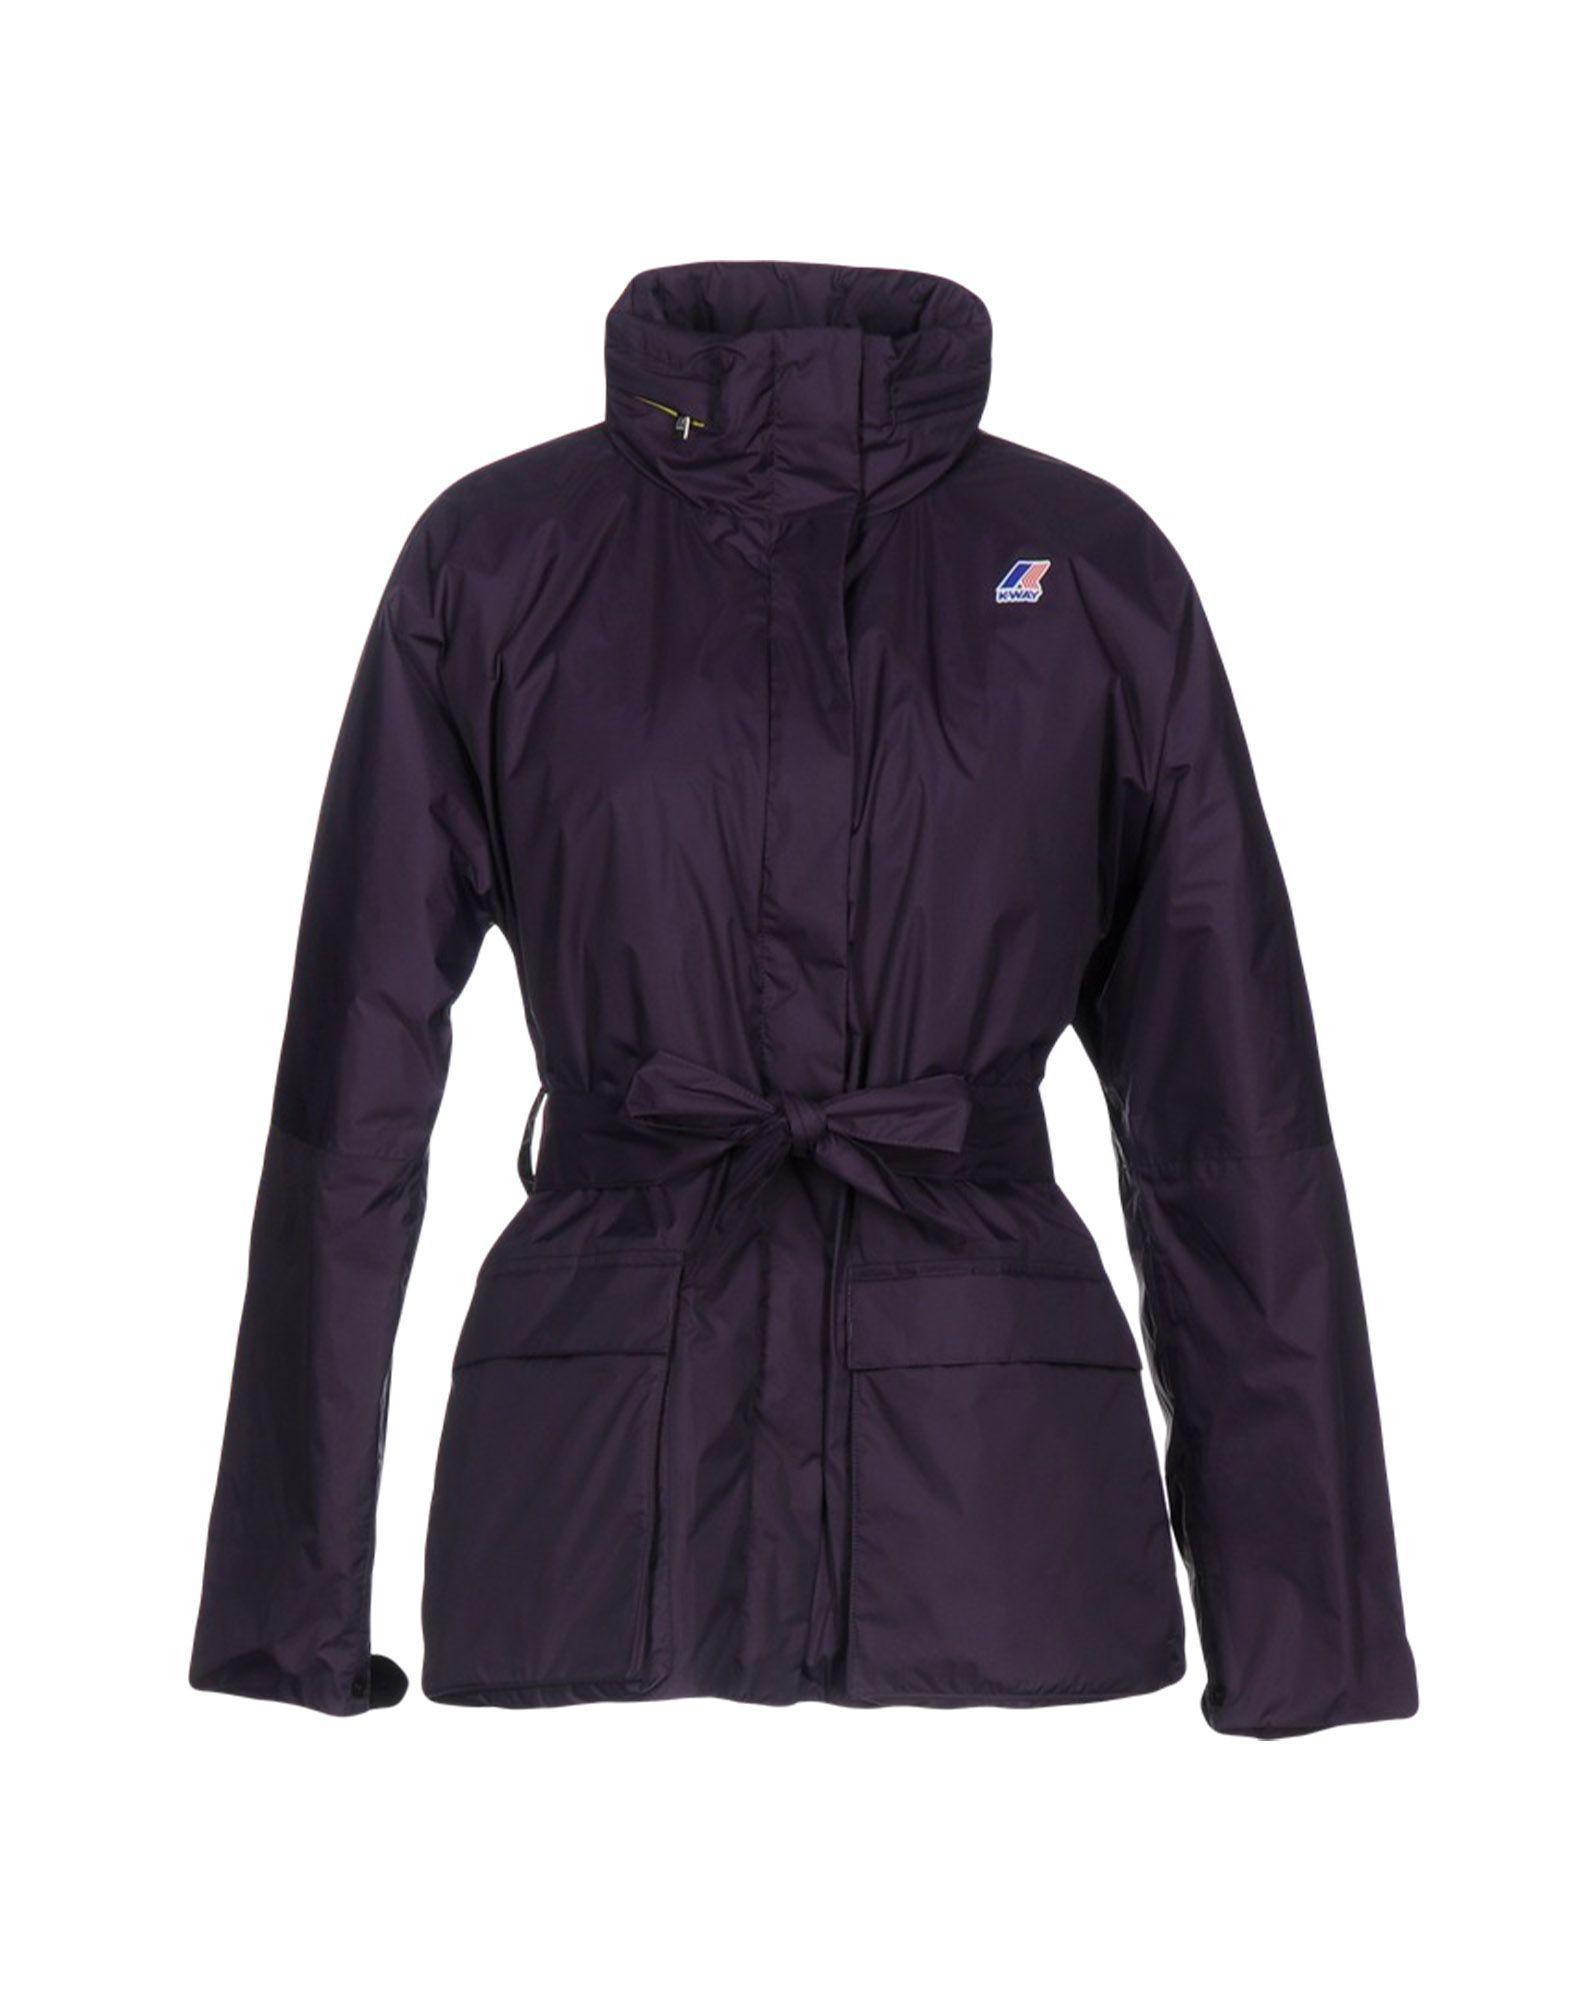 K-way Down Jackets In Purple